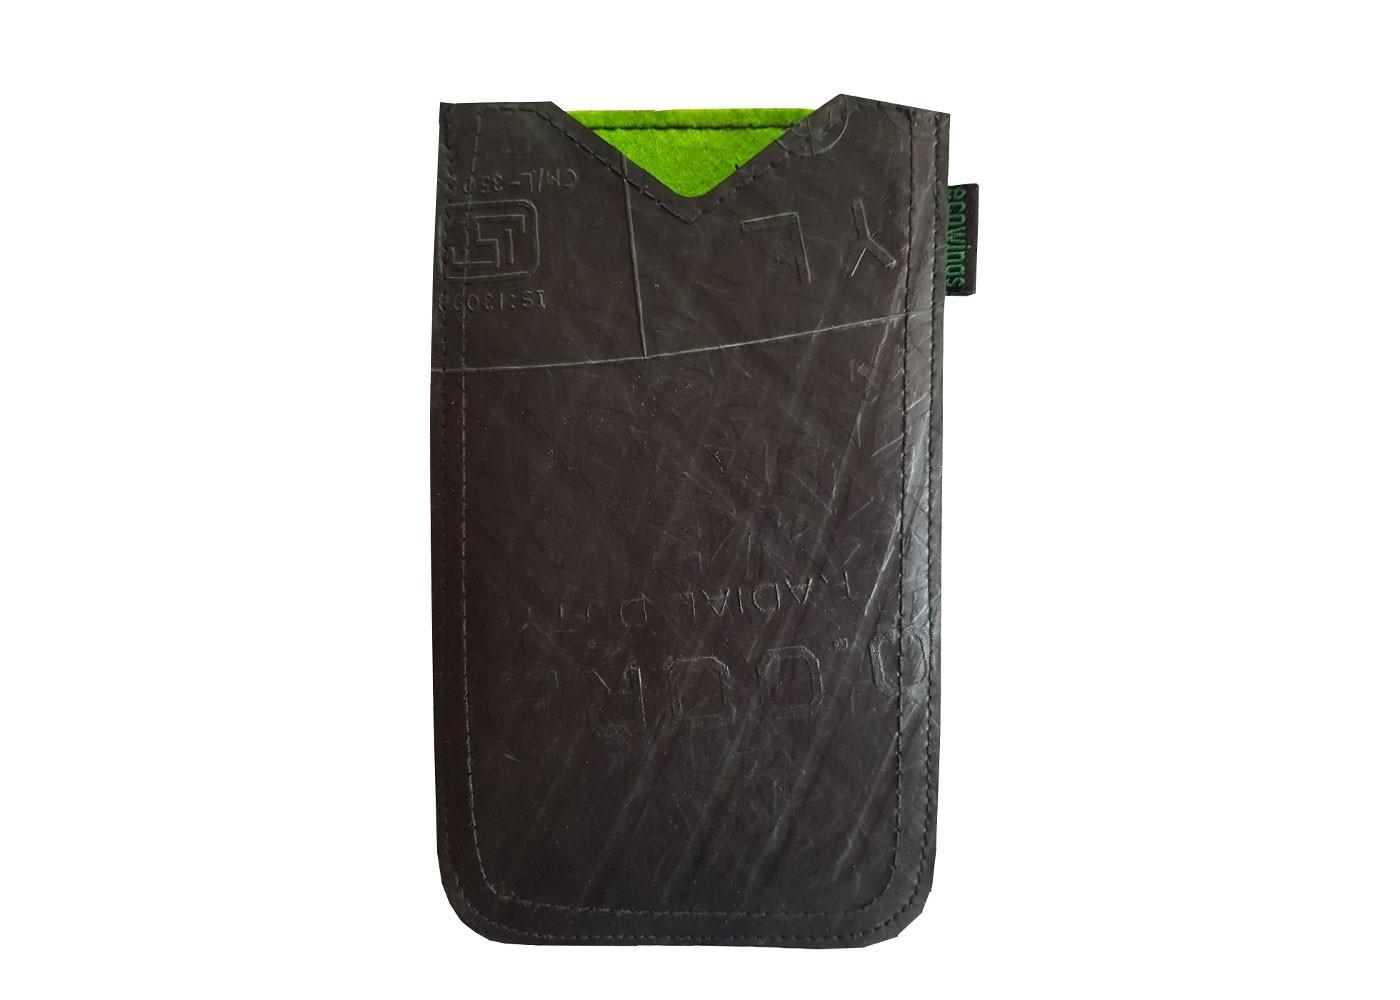 Mobiel hoesje from Ecowings